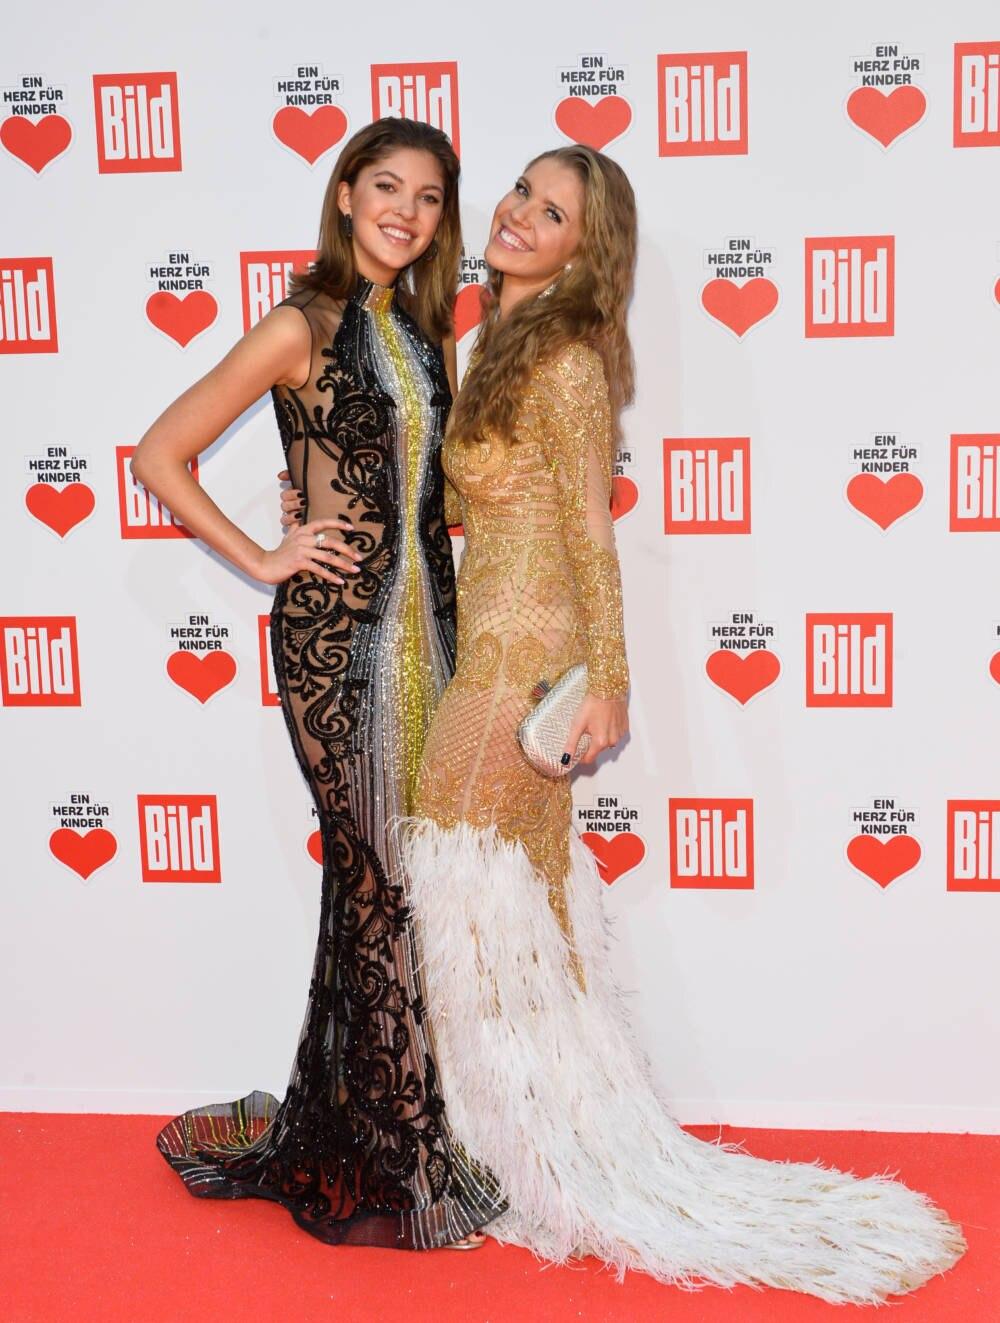 Paulina & Victoria Swarovski